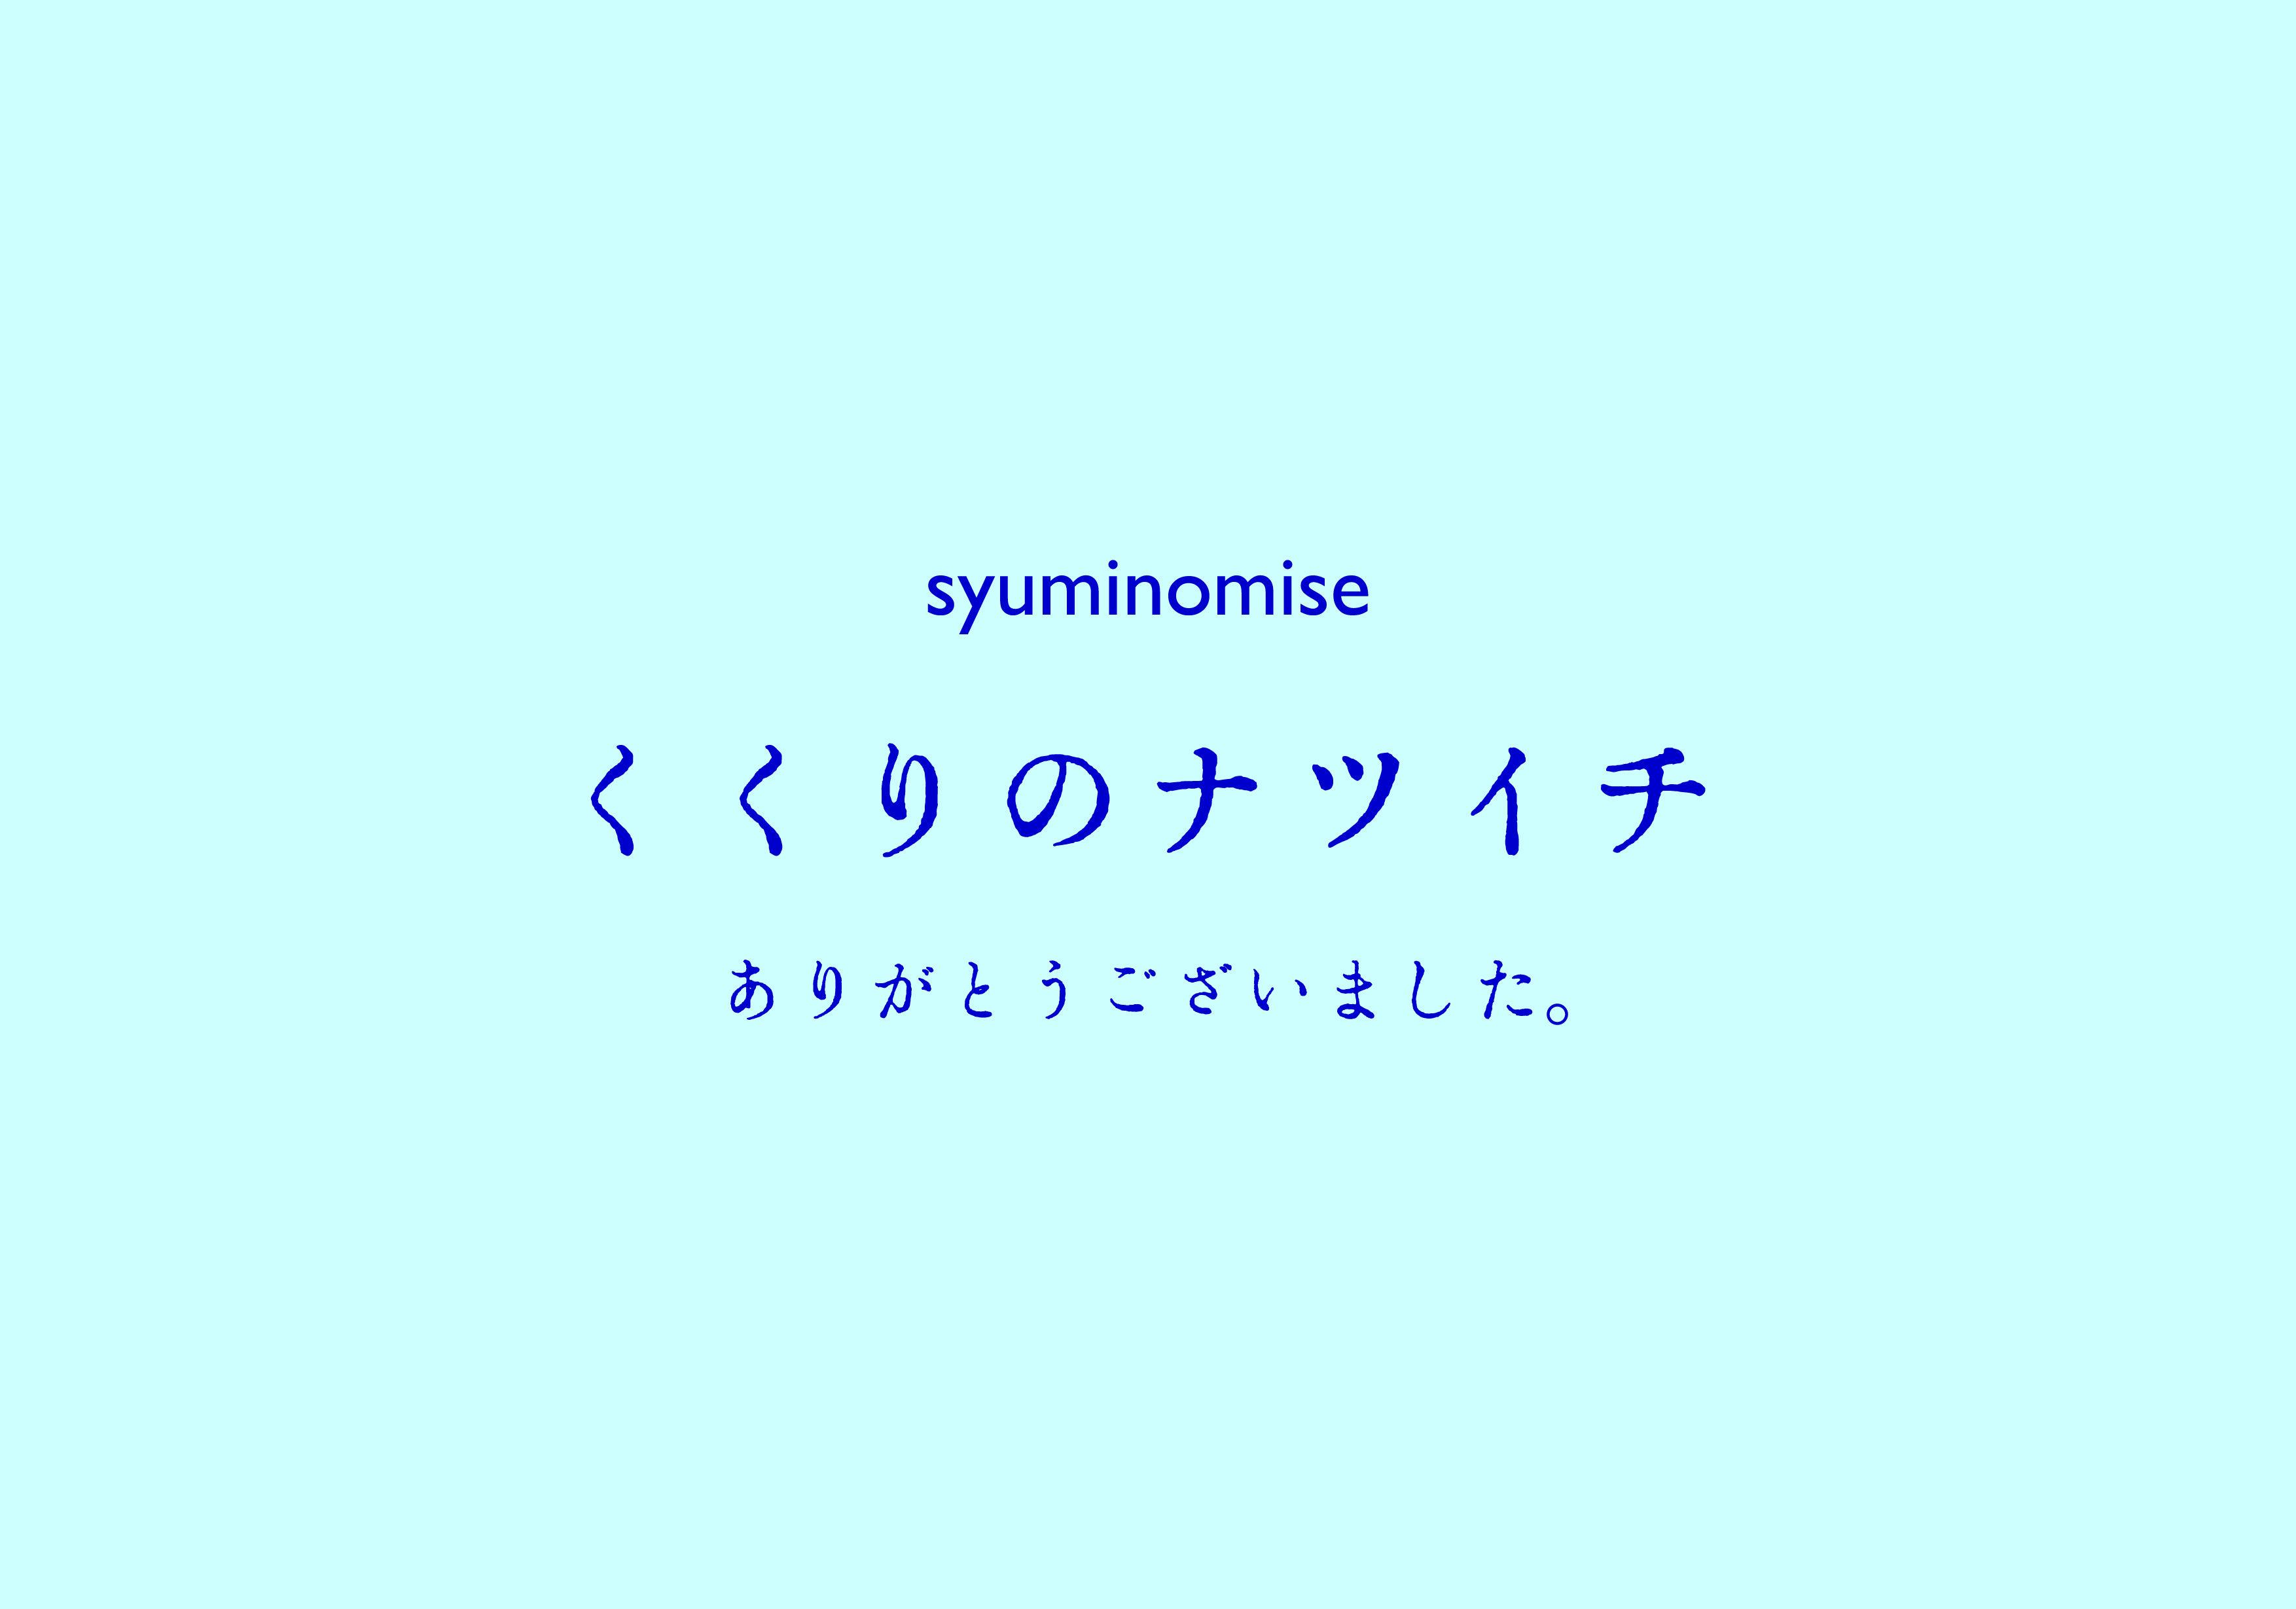 syuminomise